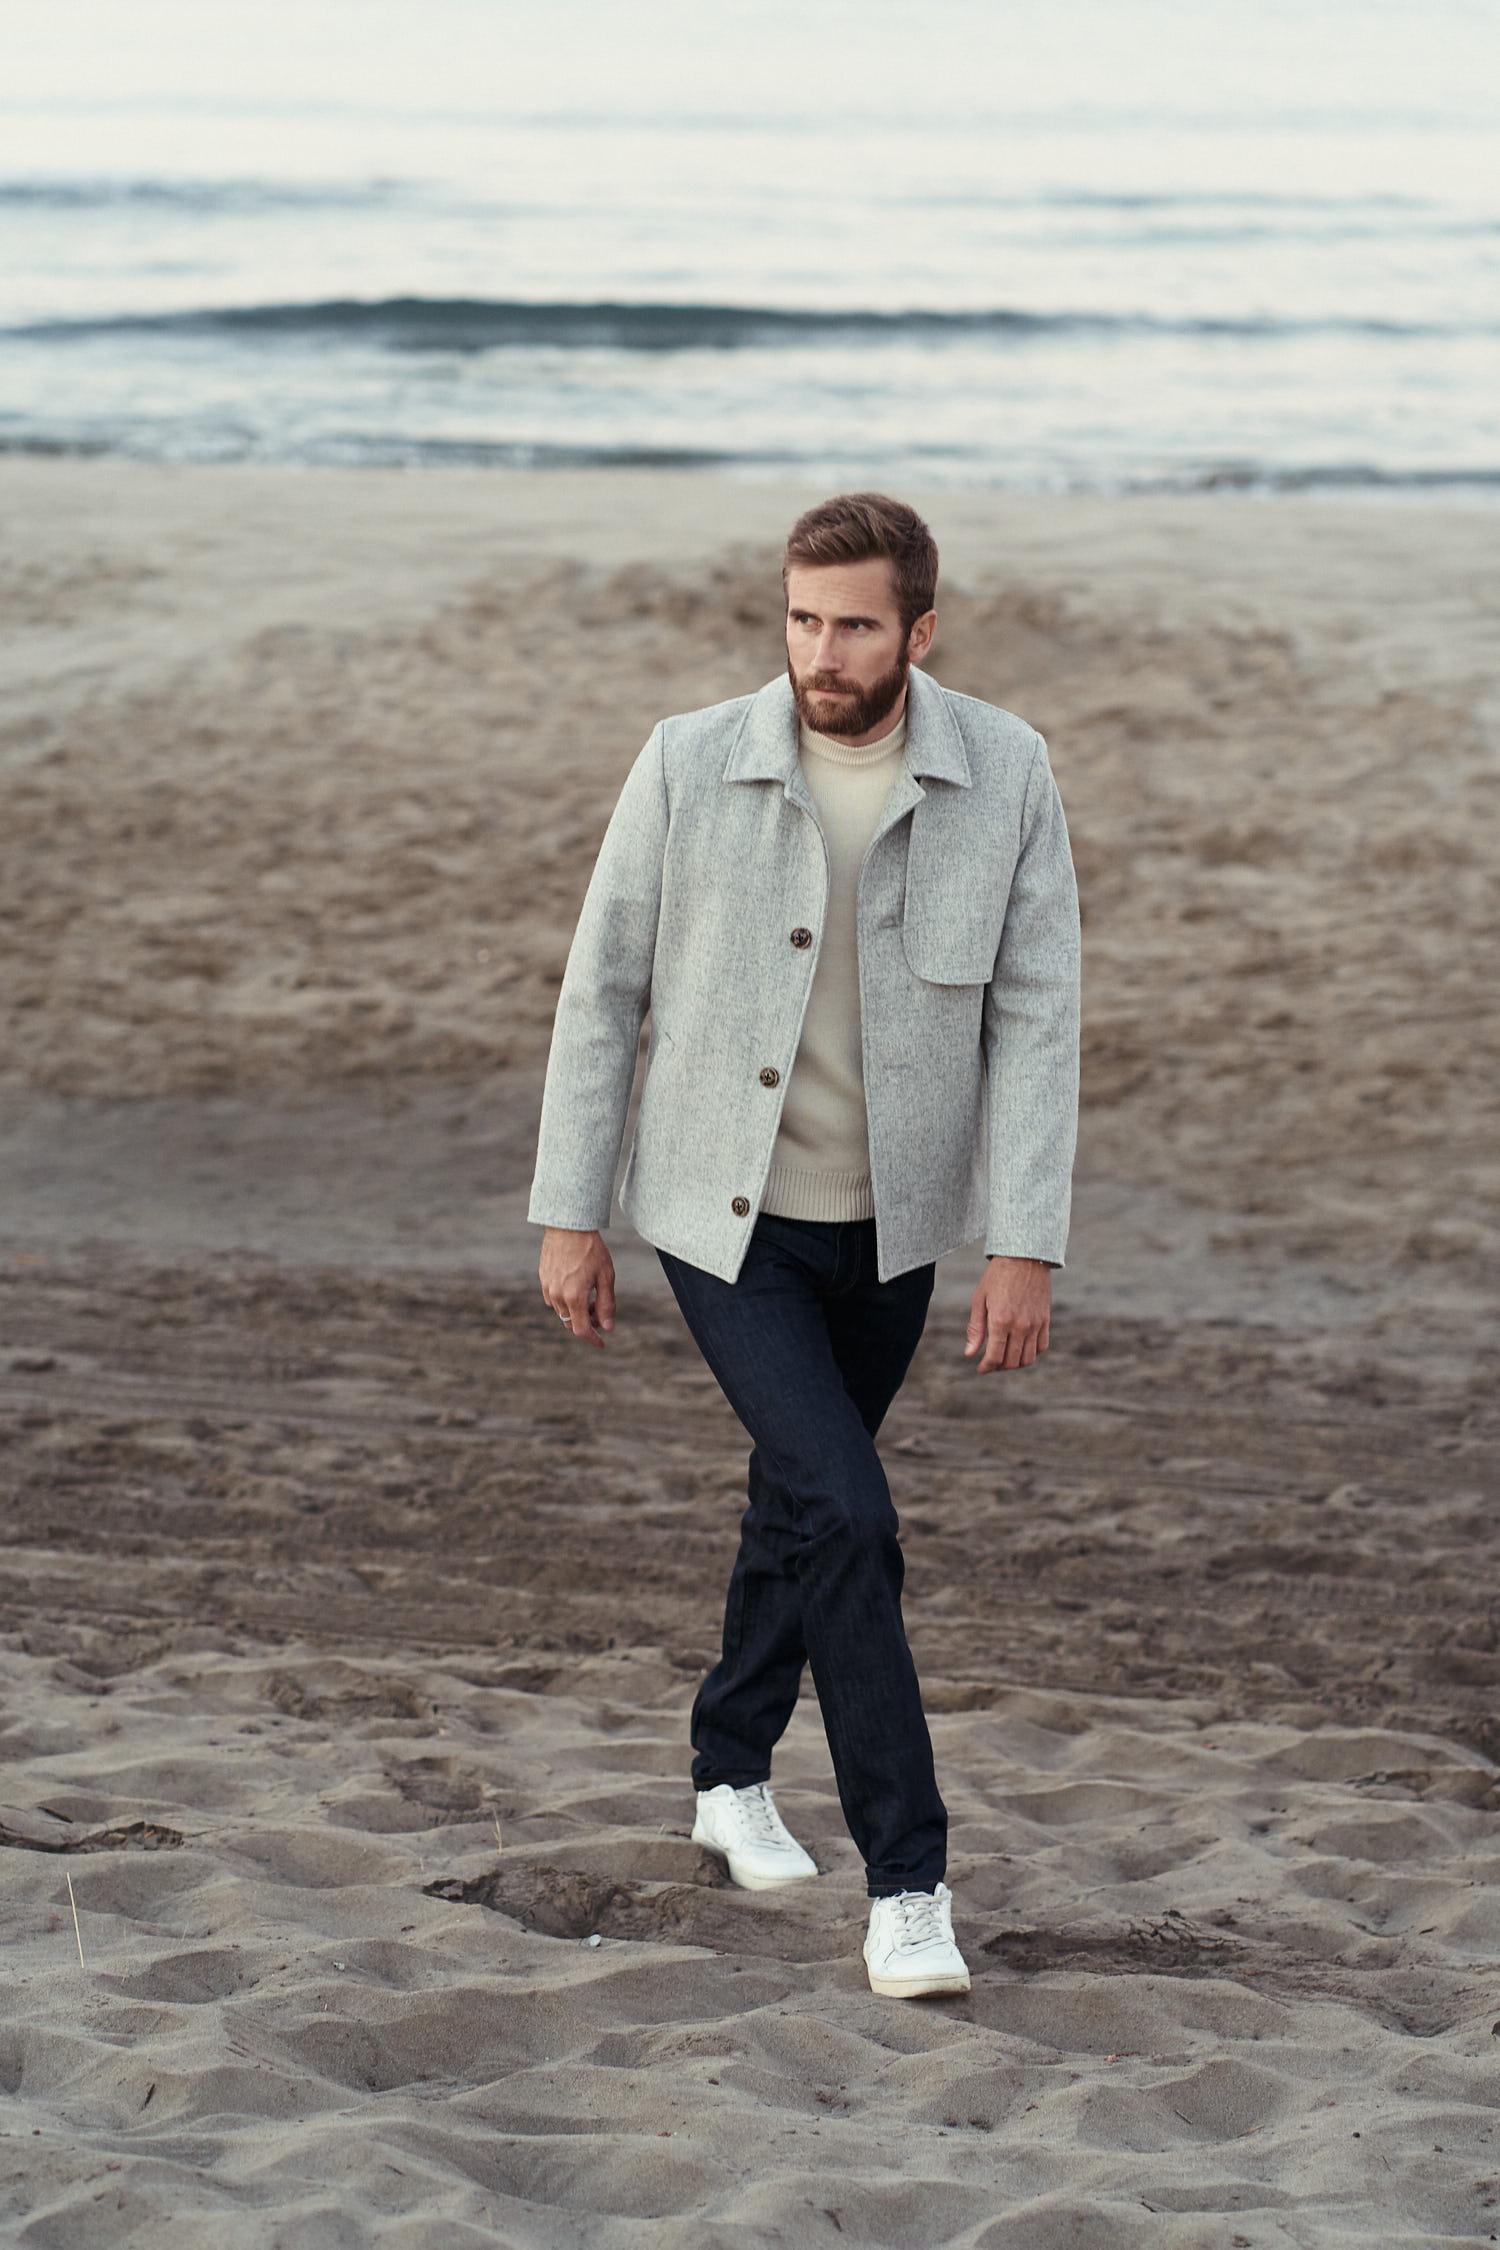 Veston pour homme couleur gris en laine. tissé en France. Fabrication 100% made in France. Doublure en lin Belge.